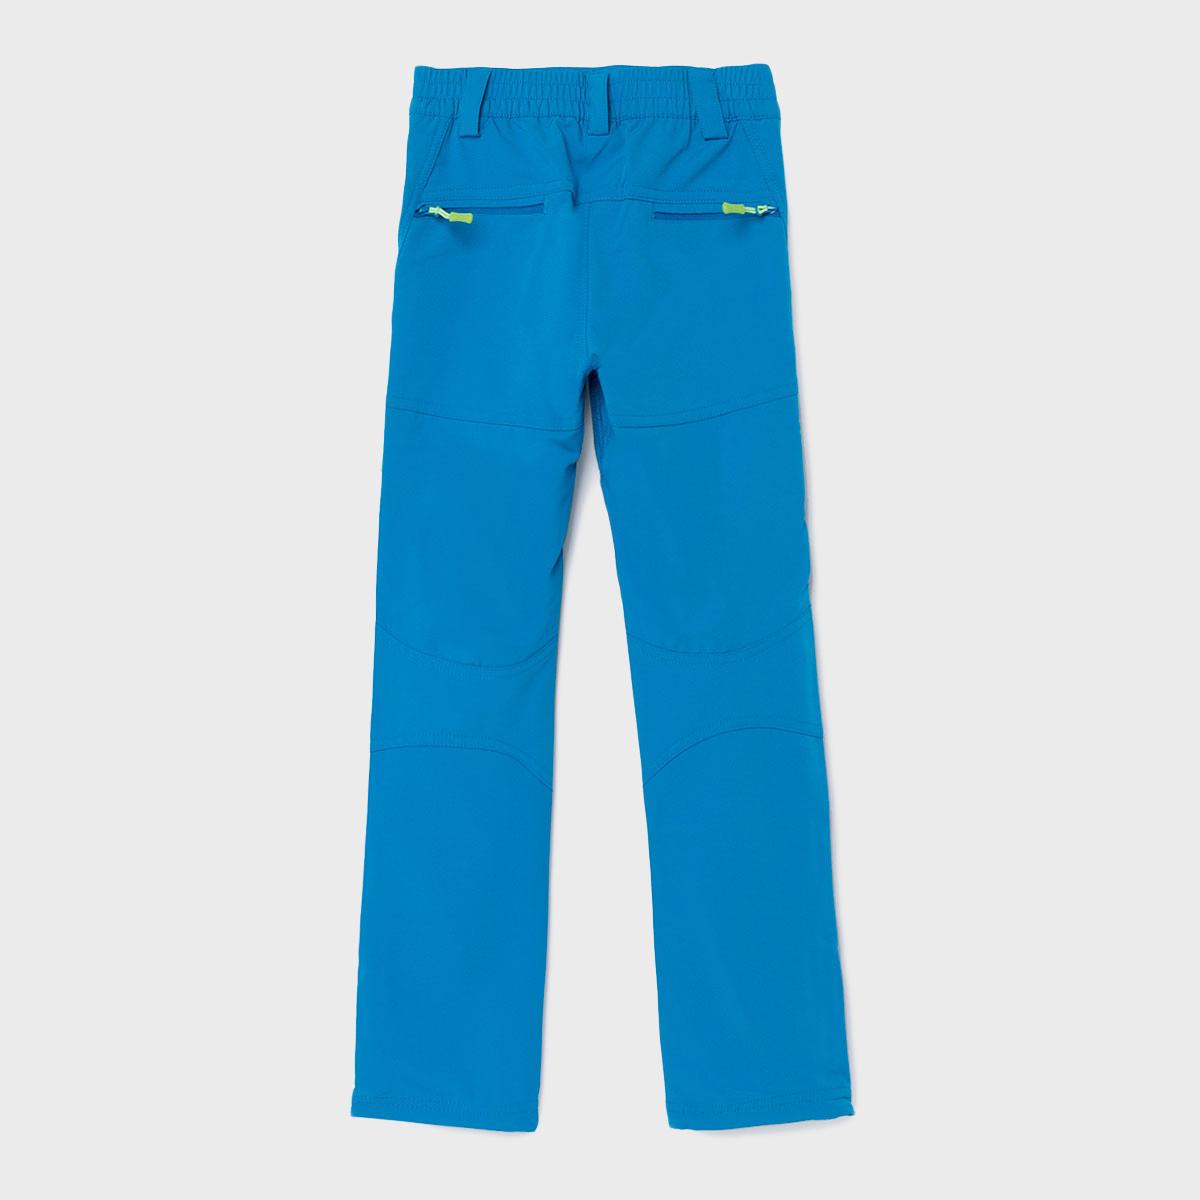 SANDER KIDS STRETCH PANT BLUE